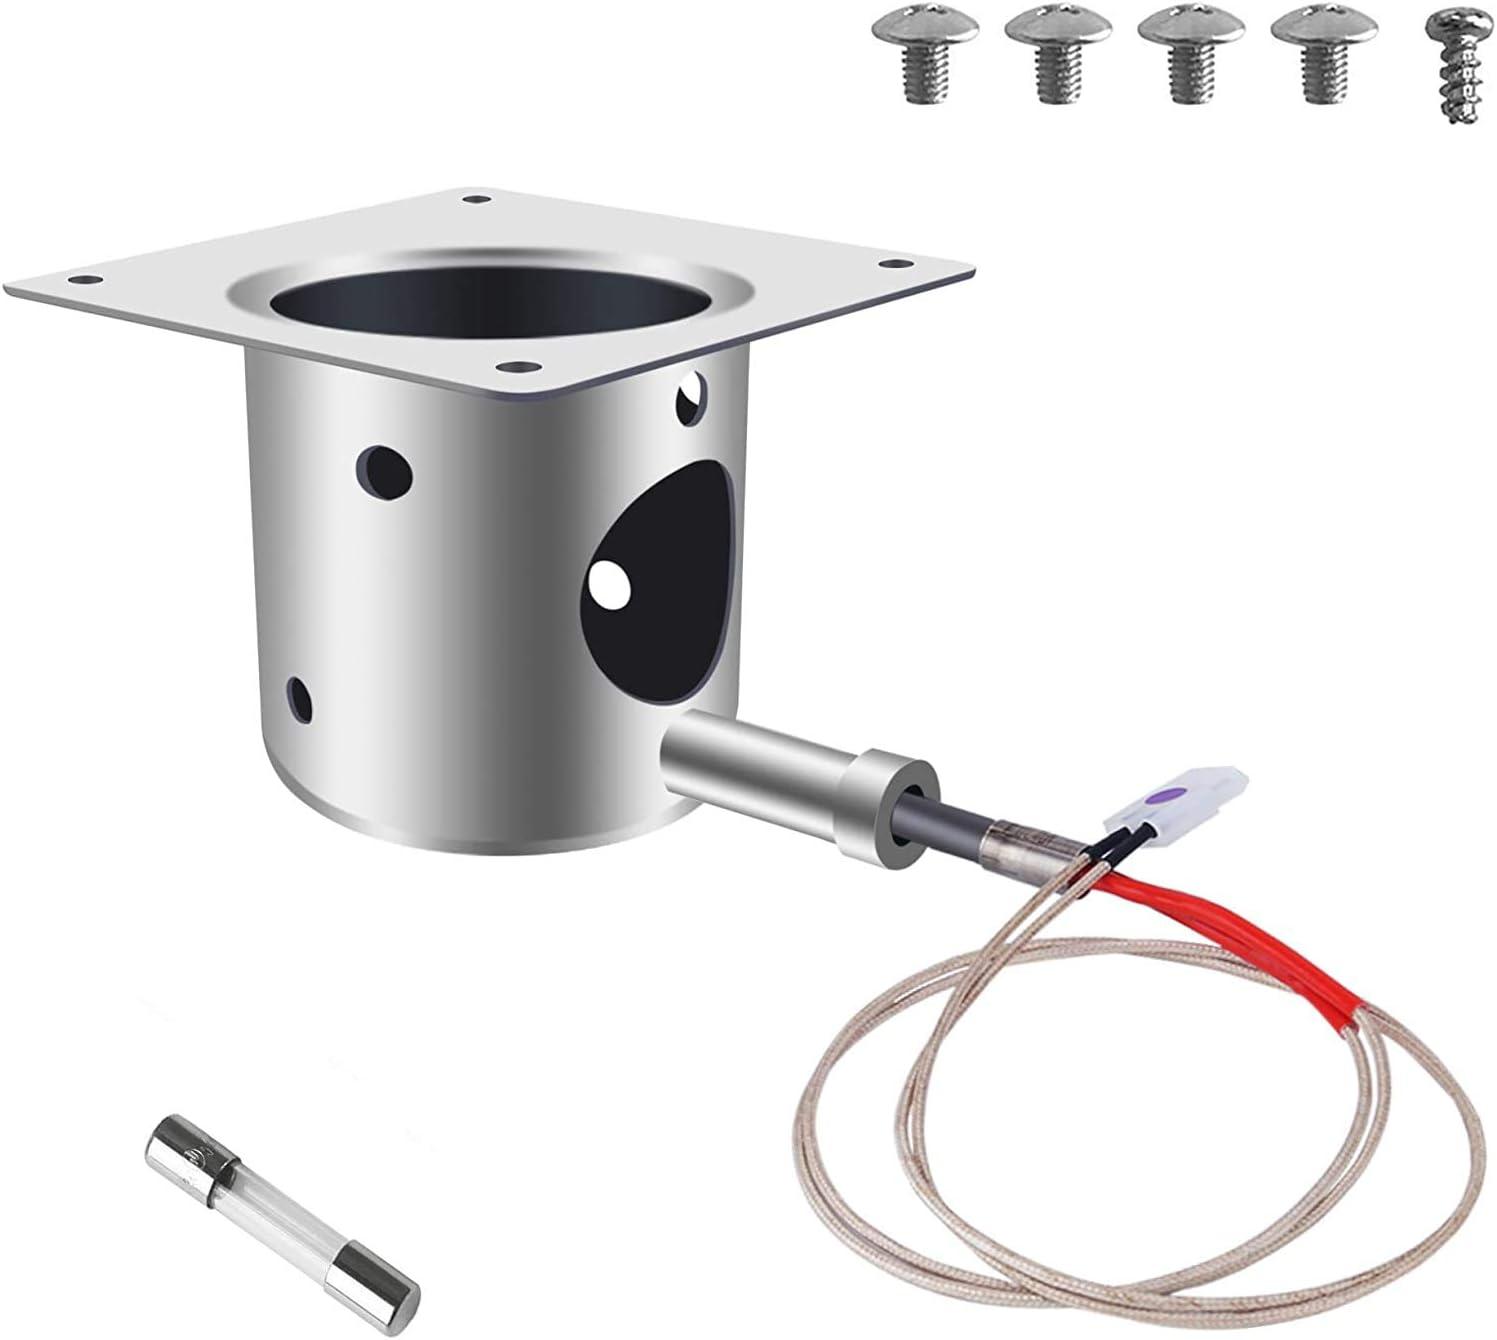 QuliMetal Fire Burn Pot Replacement Parts for Traeger Pellet Grill Burner